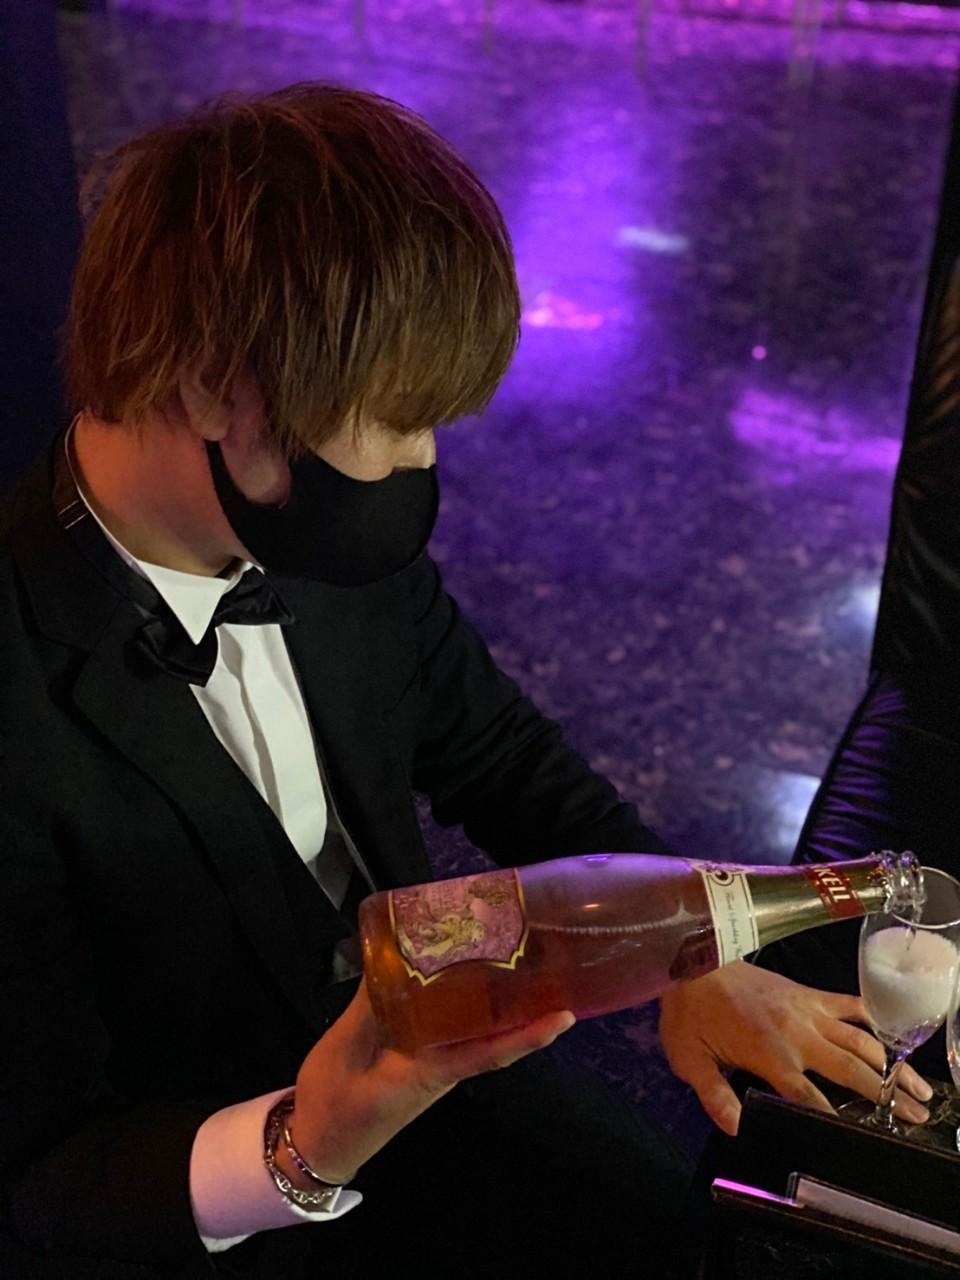 シャンパンを注ぐ七瀬椿